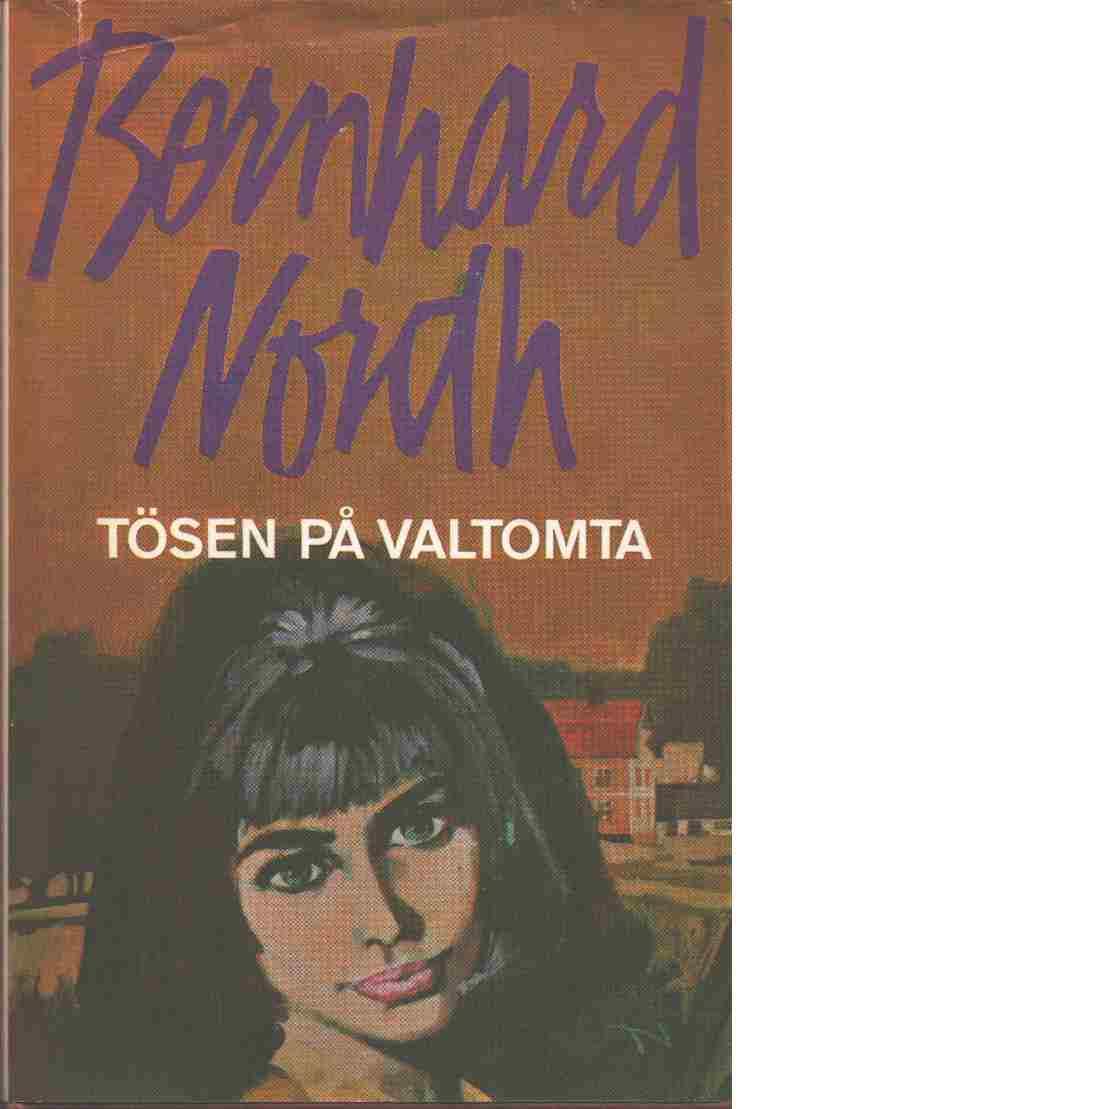 Tösen på Valtomta - Nordh, Bernhard